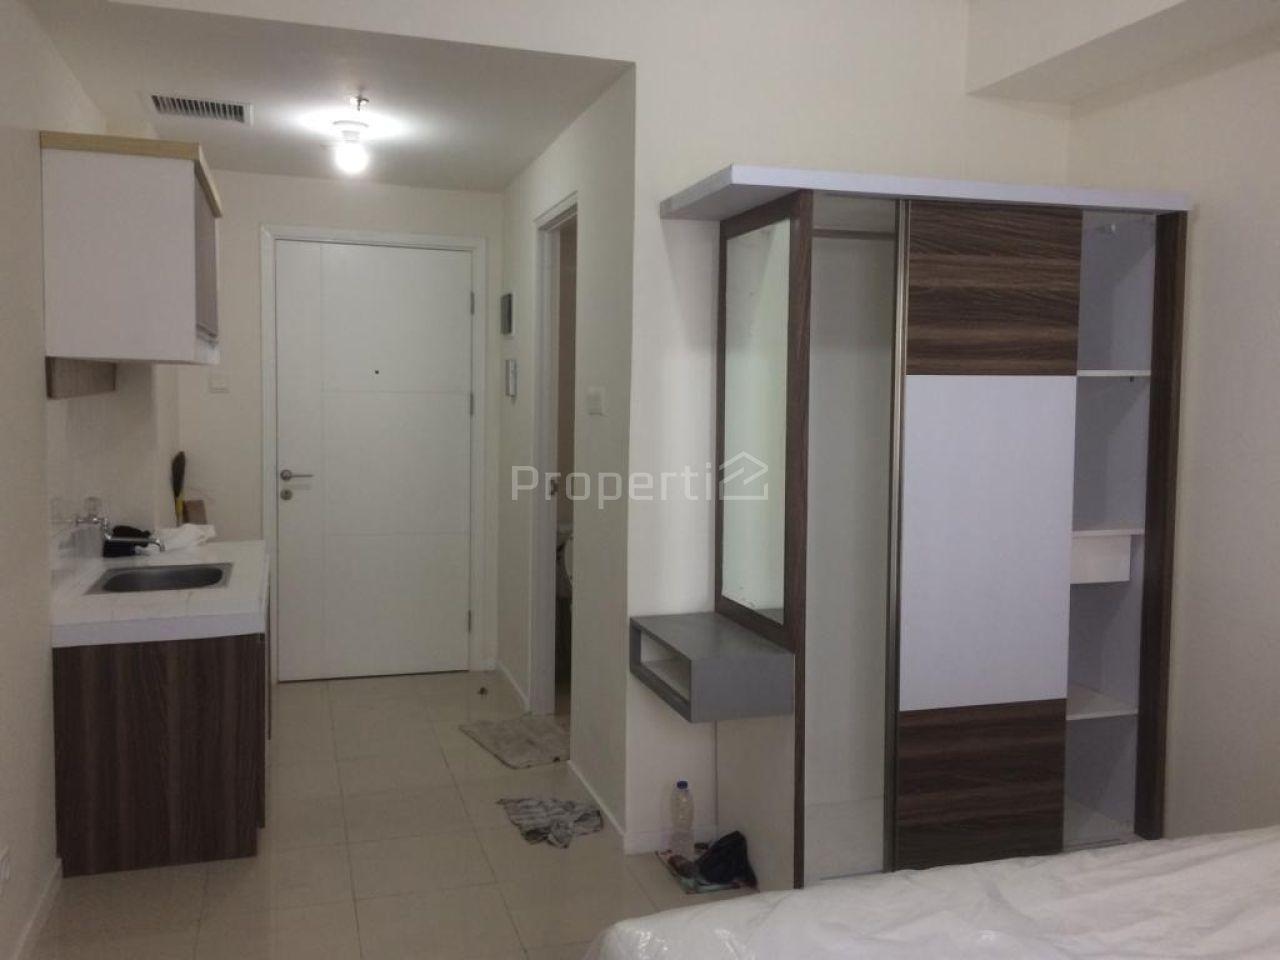 1BR Apartment Unit at Parahyangan Residences, 23th Floor, Kota Bandung